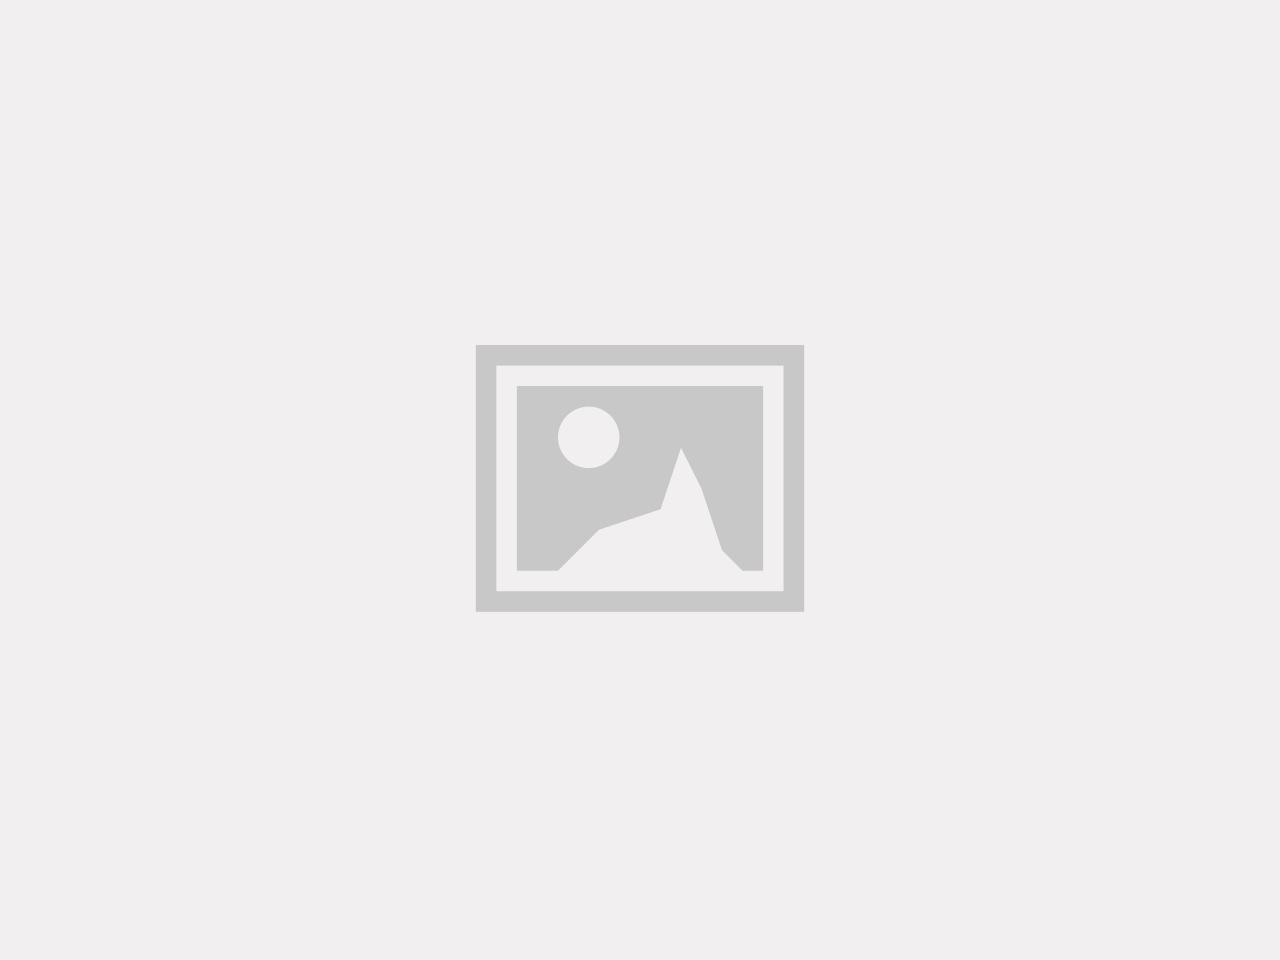 Grov ribb- Navi